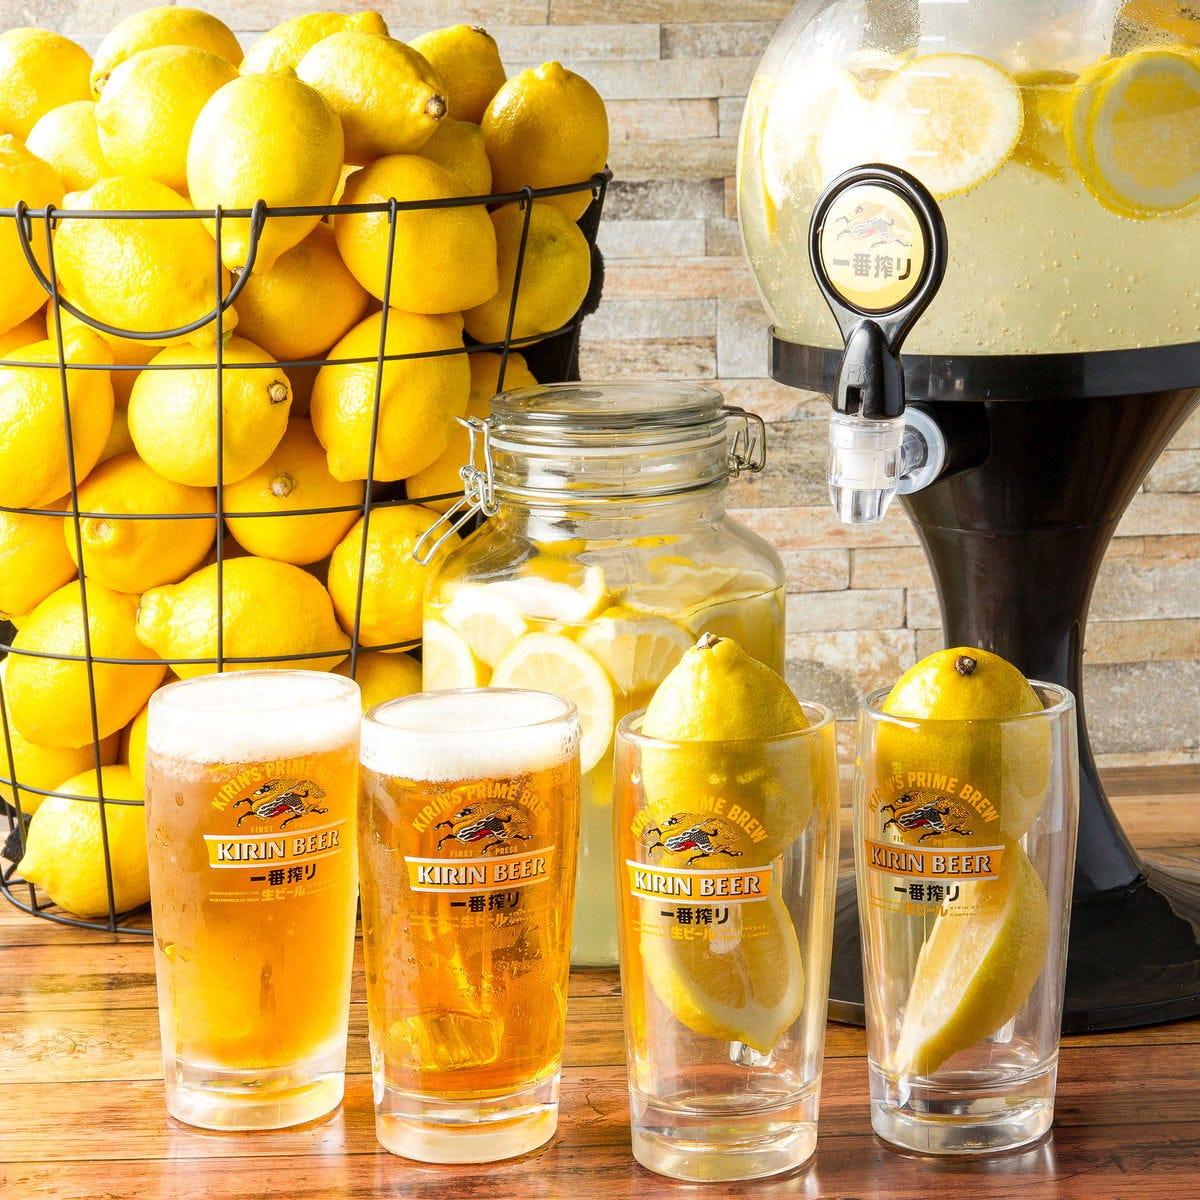 【人気のレモンサワー&ハイボール各種付き】90分飲み放題750円(税抜)!+300円で生ビールも付けられます!